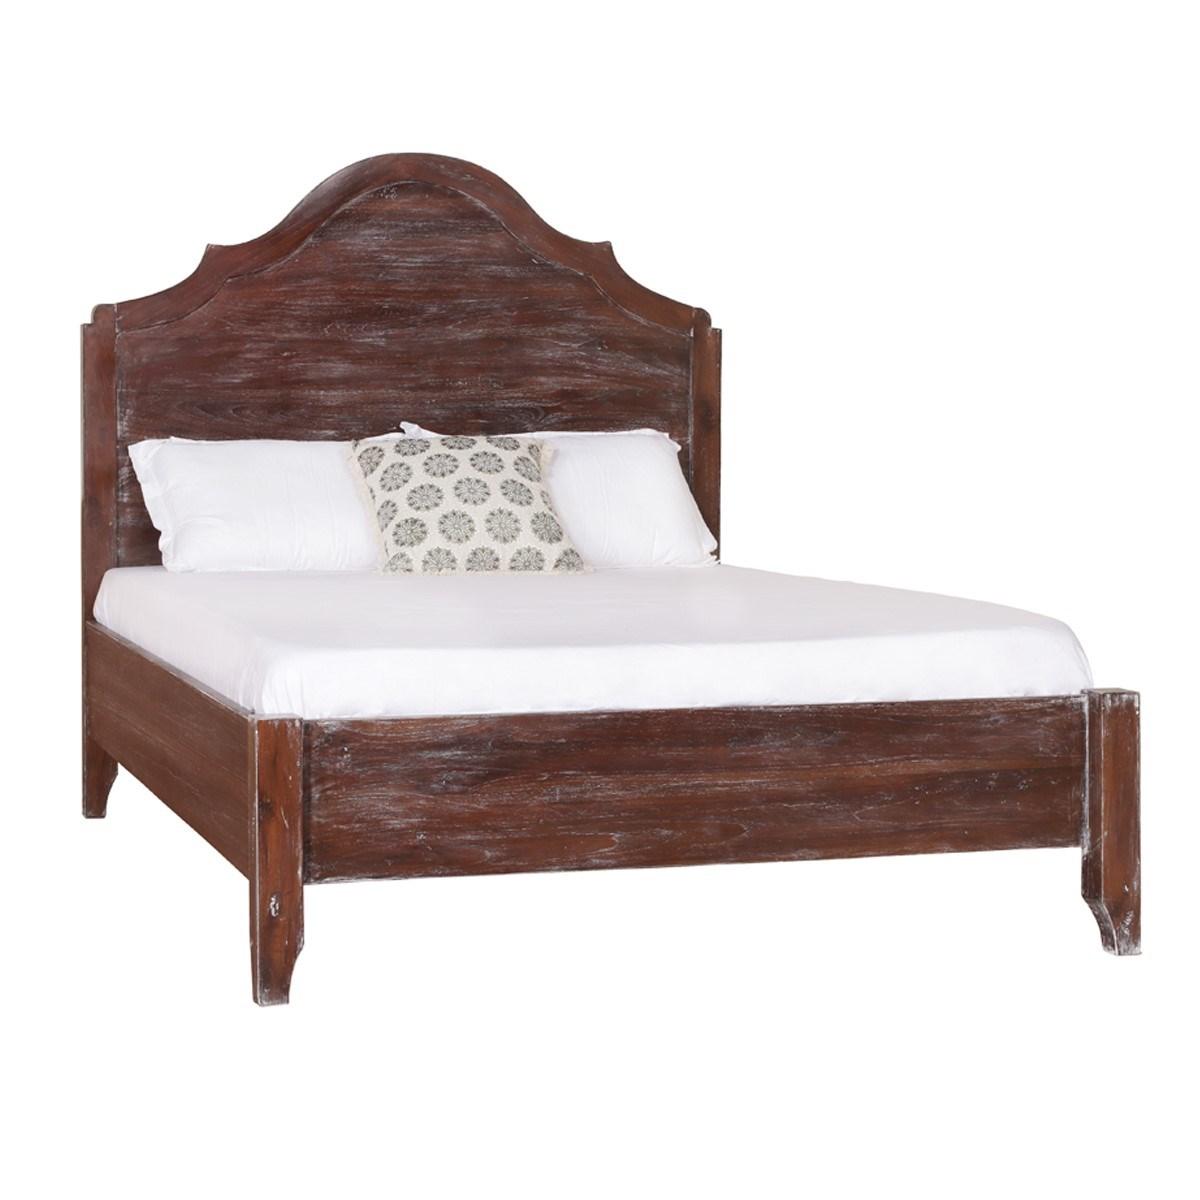 Vintage Swedish Bed, King